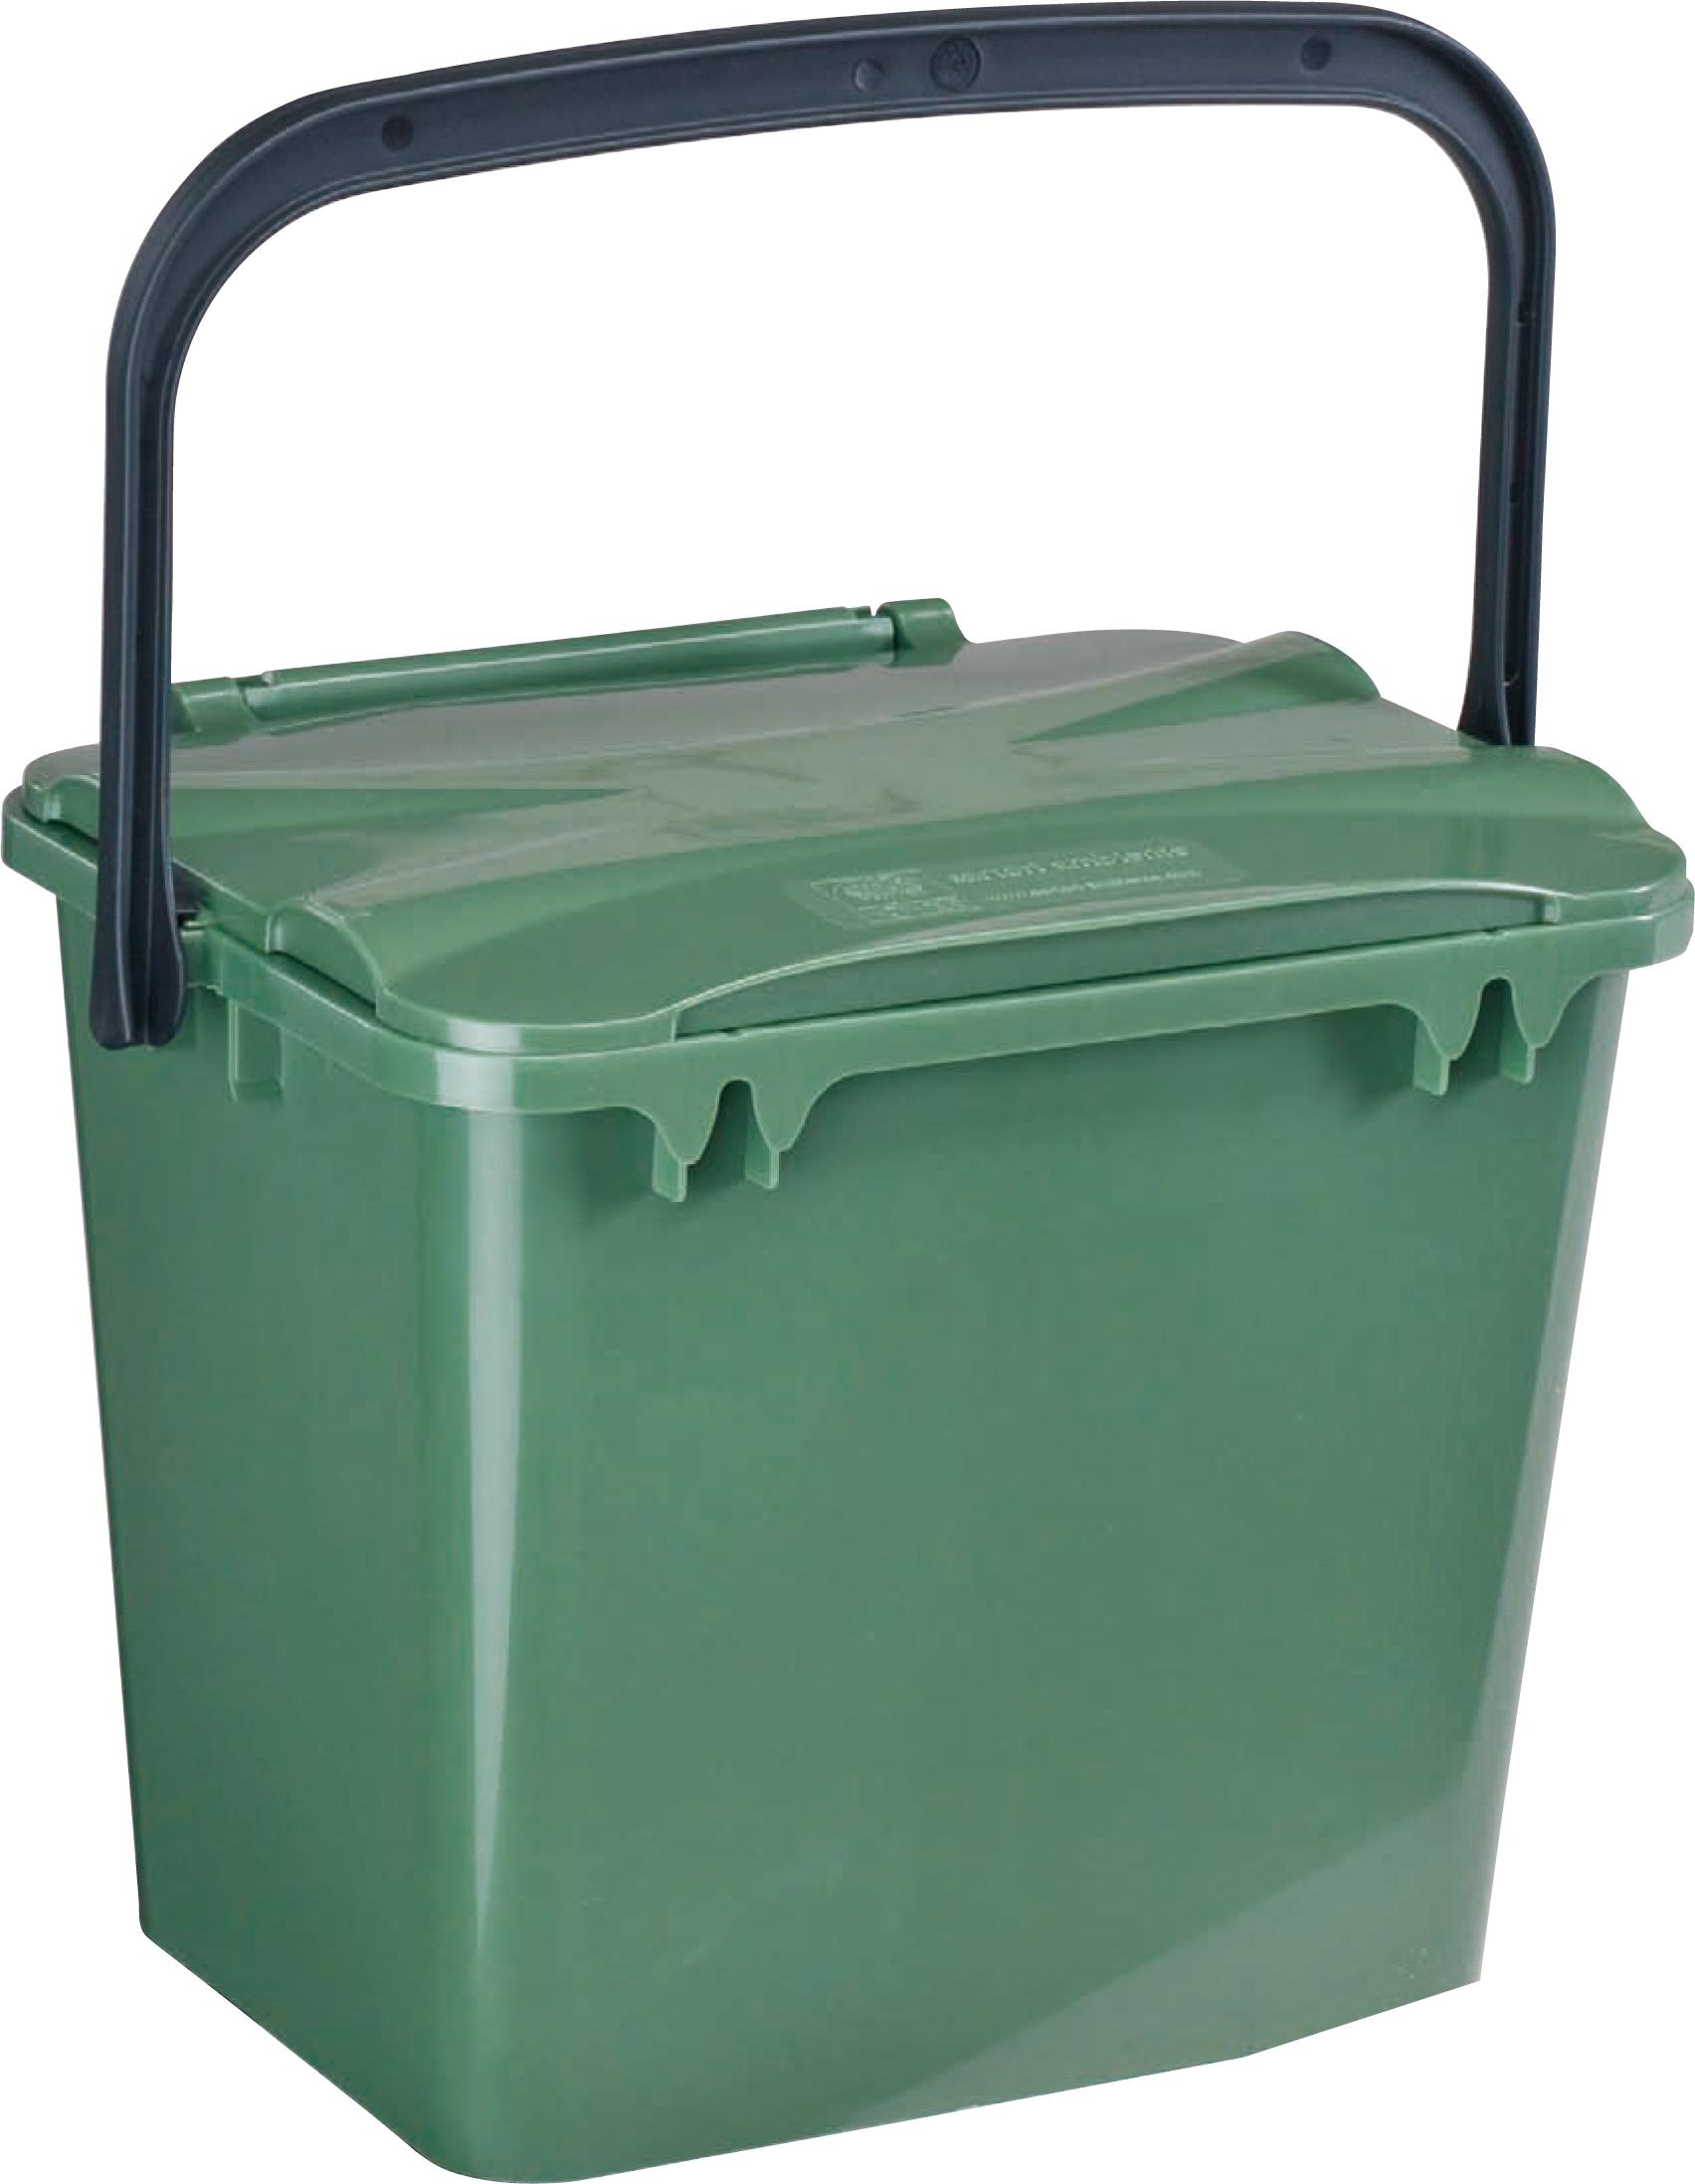 Sorteercaddy 7 liter